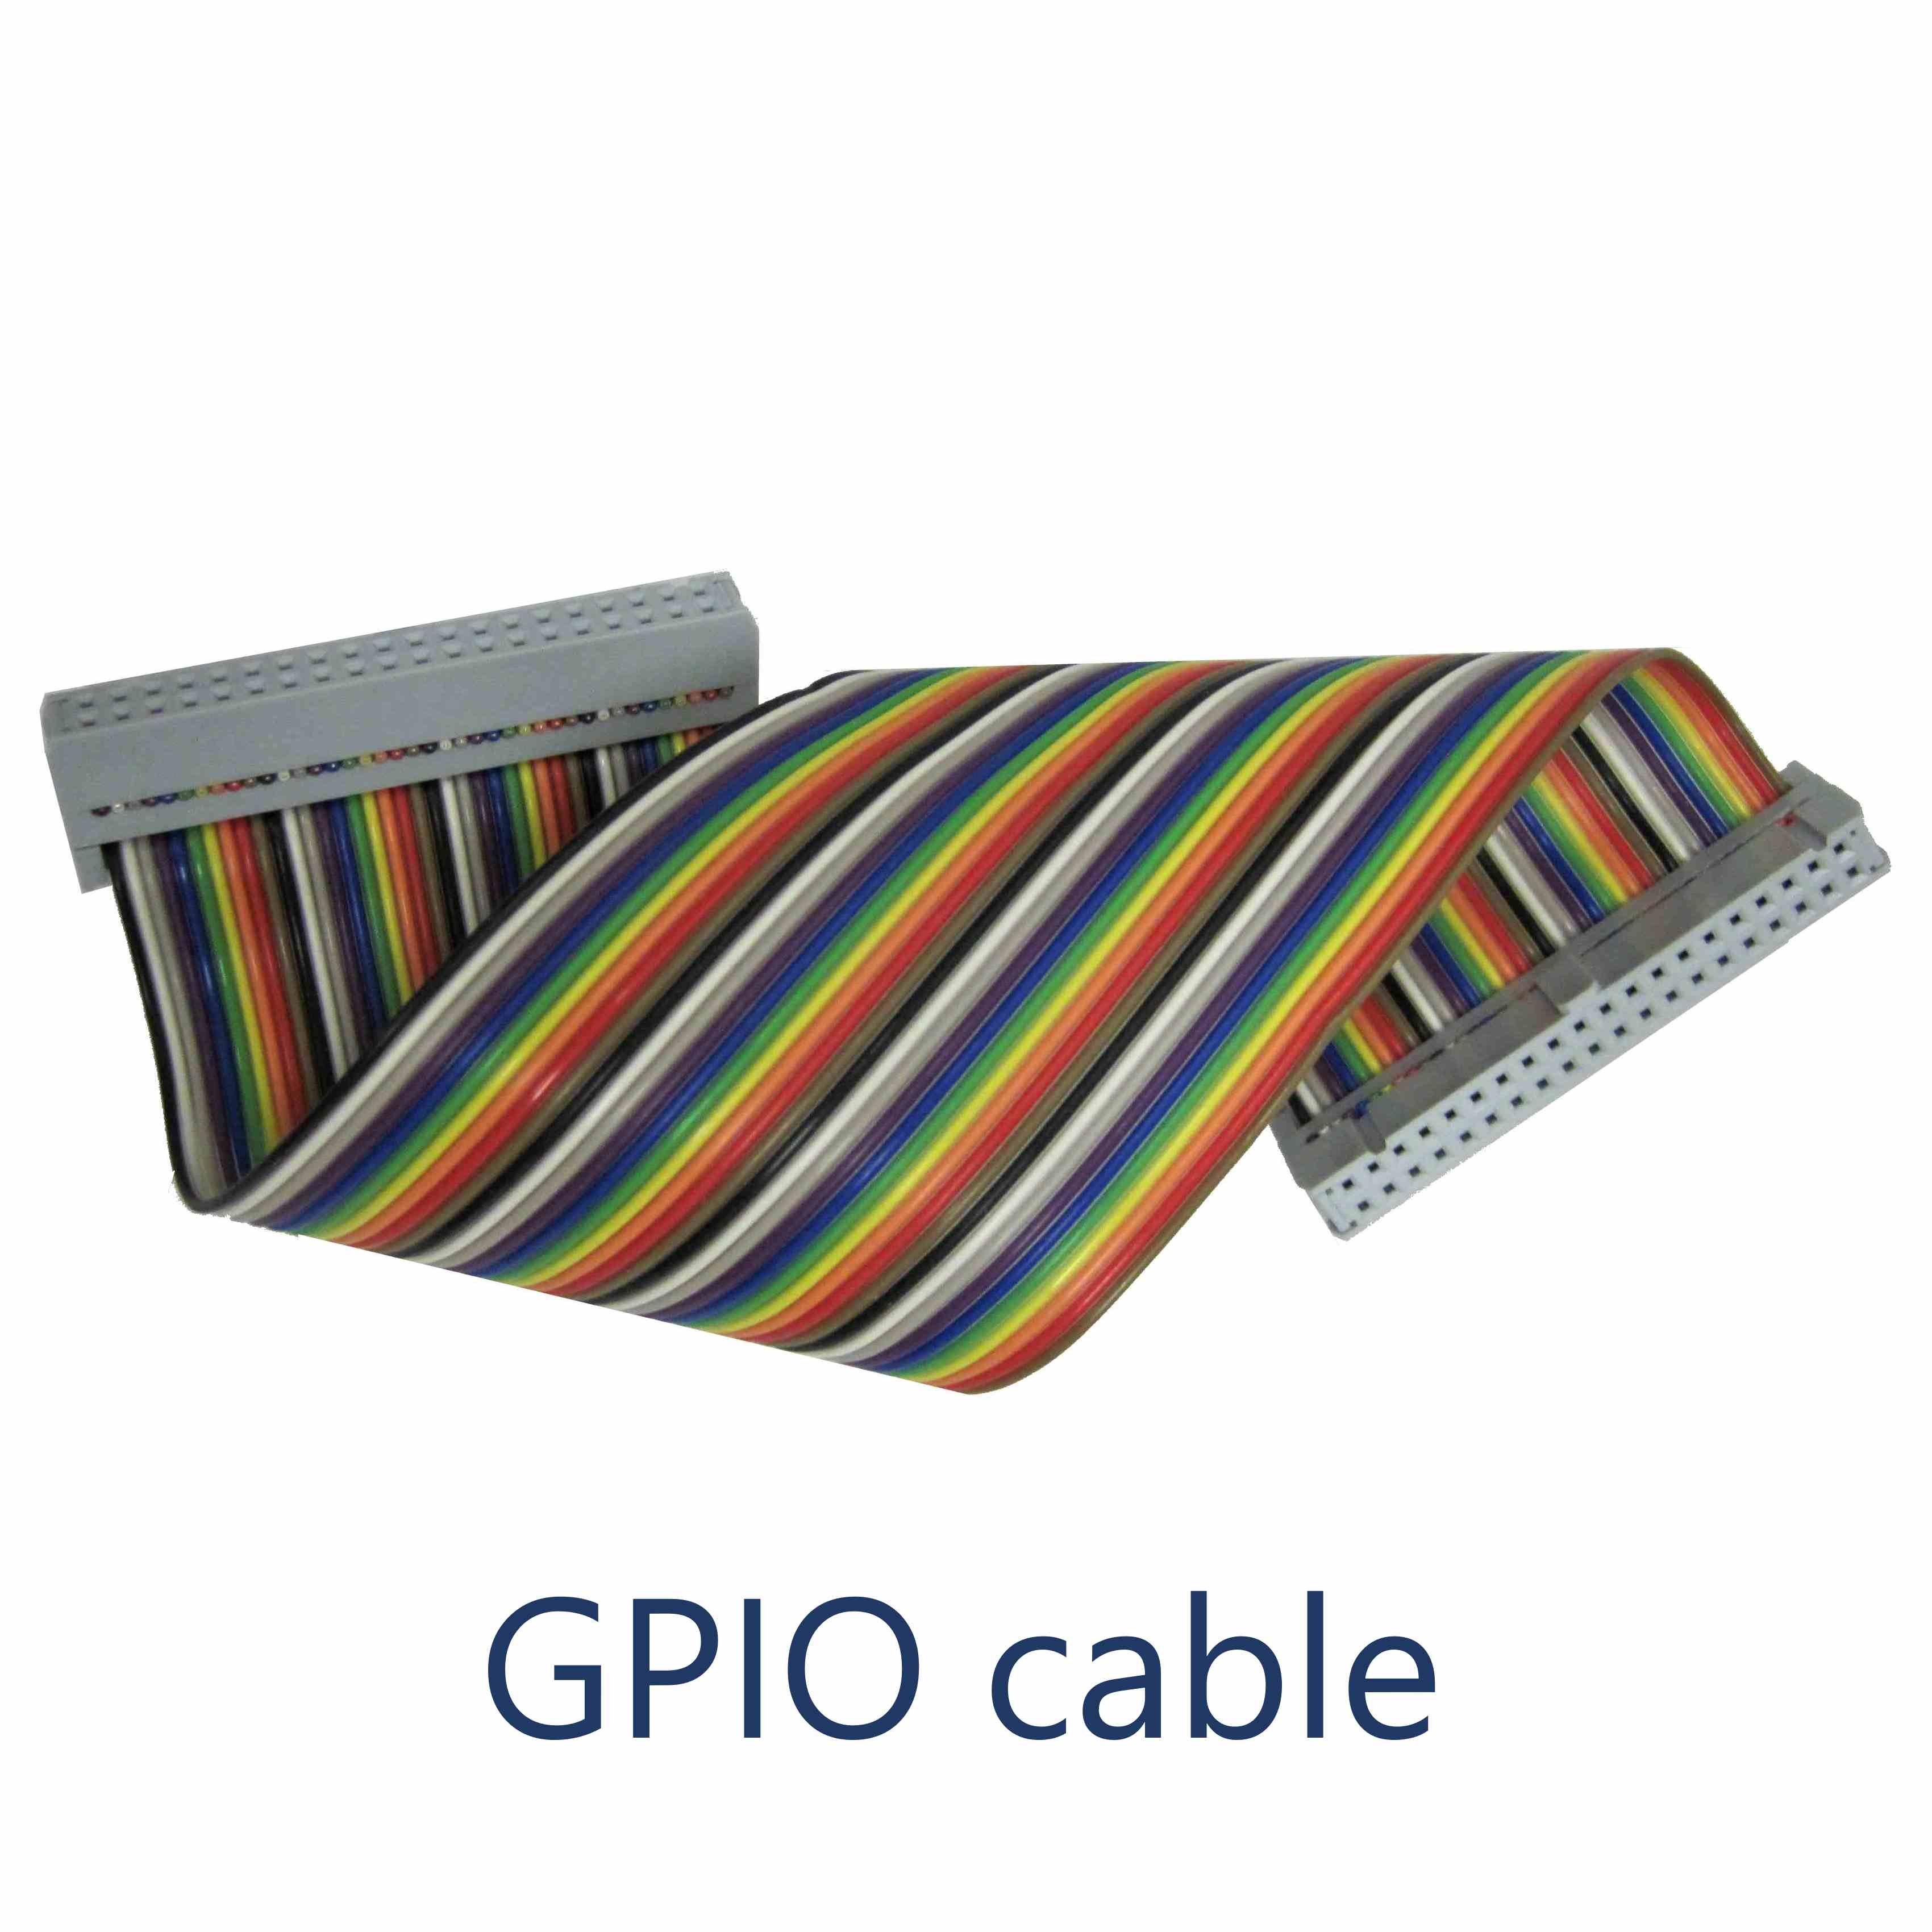 GPIO cable